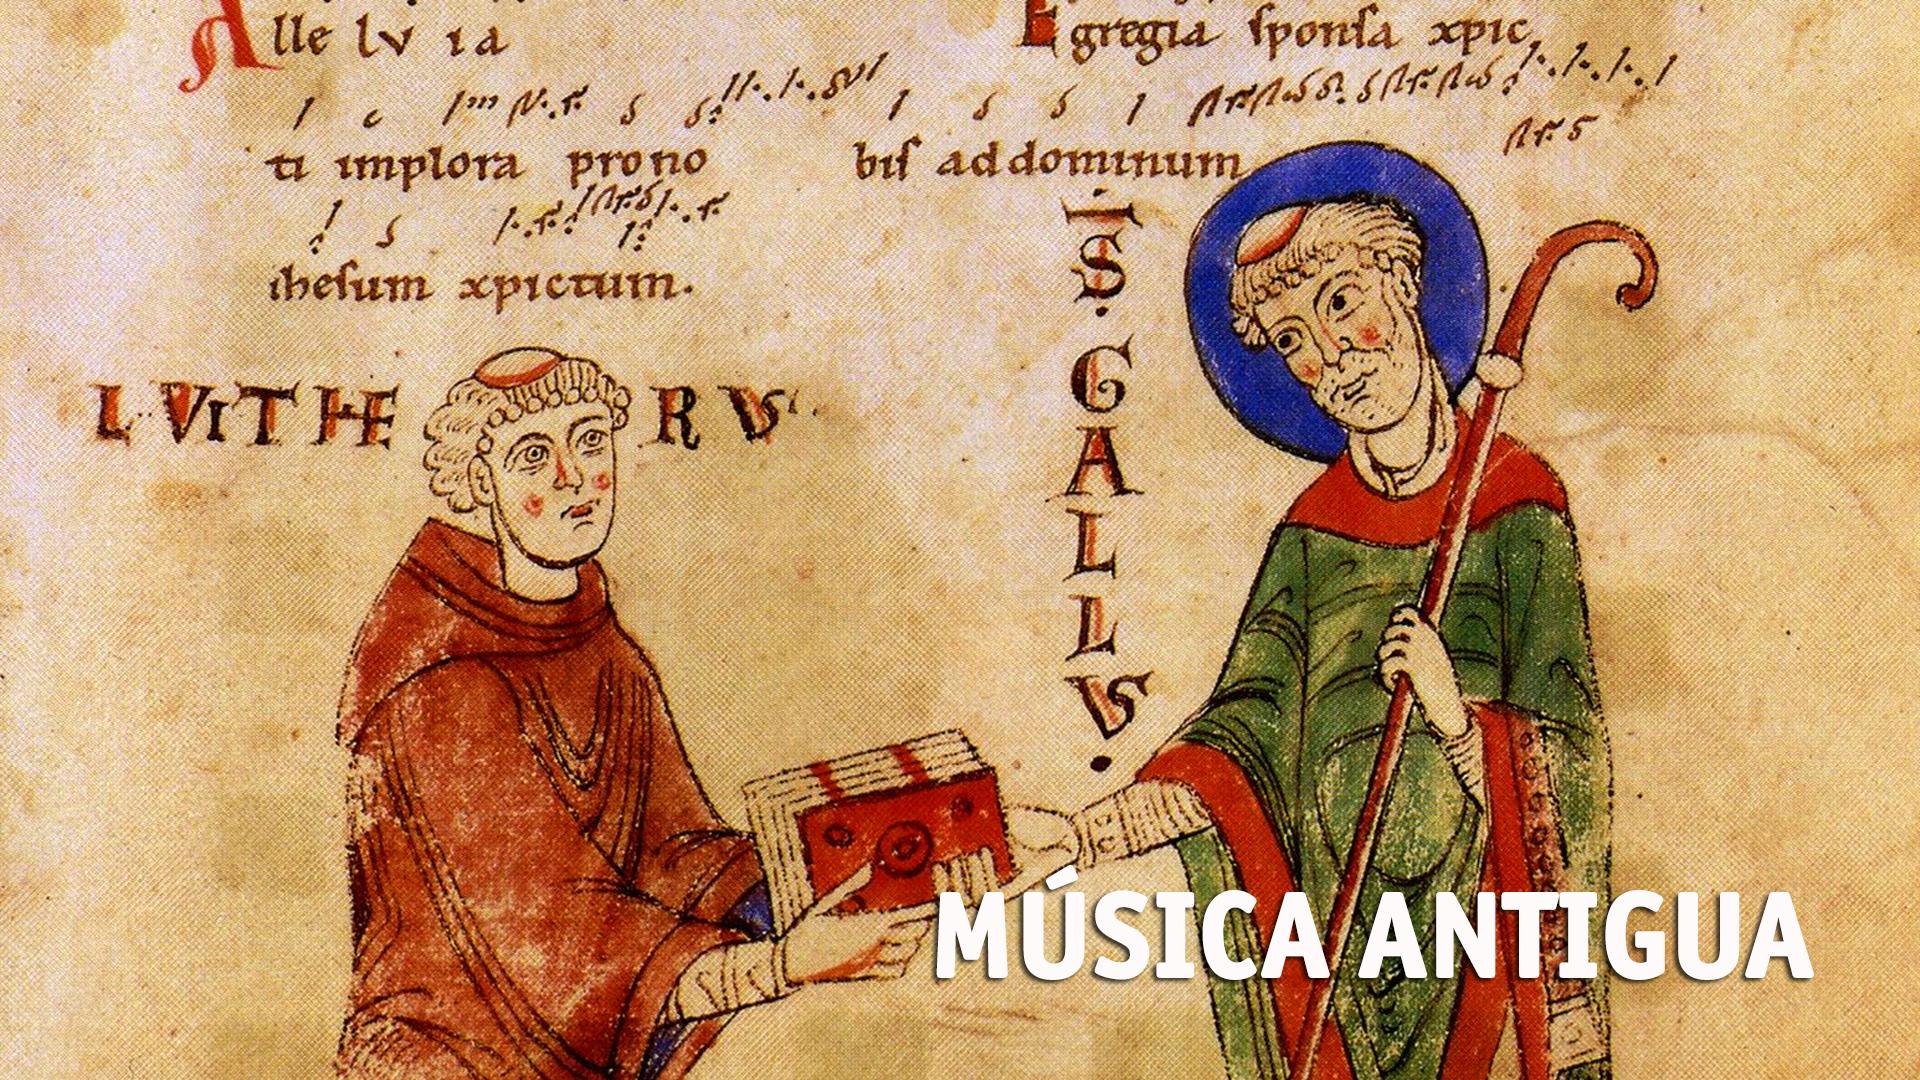 Música antigua - Melancolía - 06/02/18 - RTVE.es